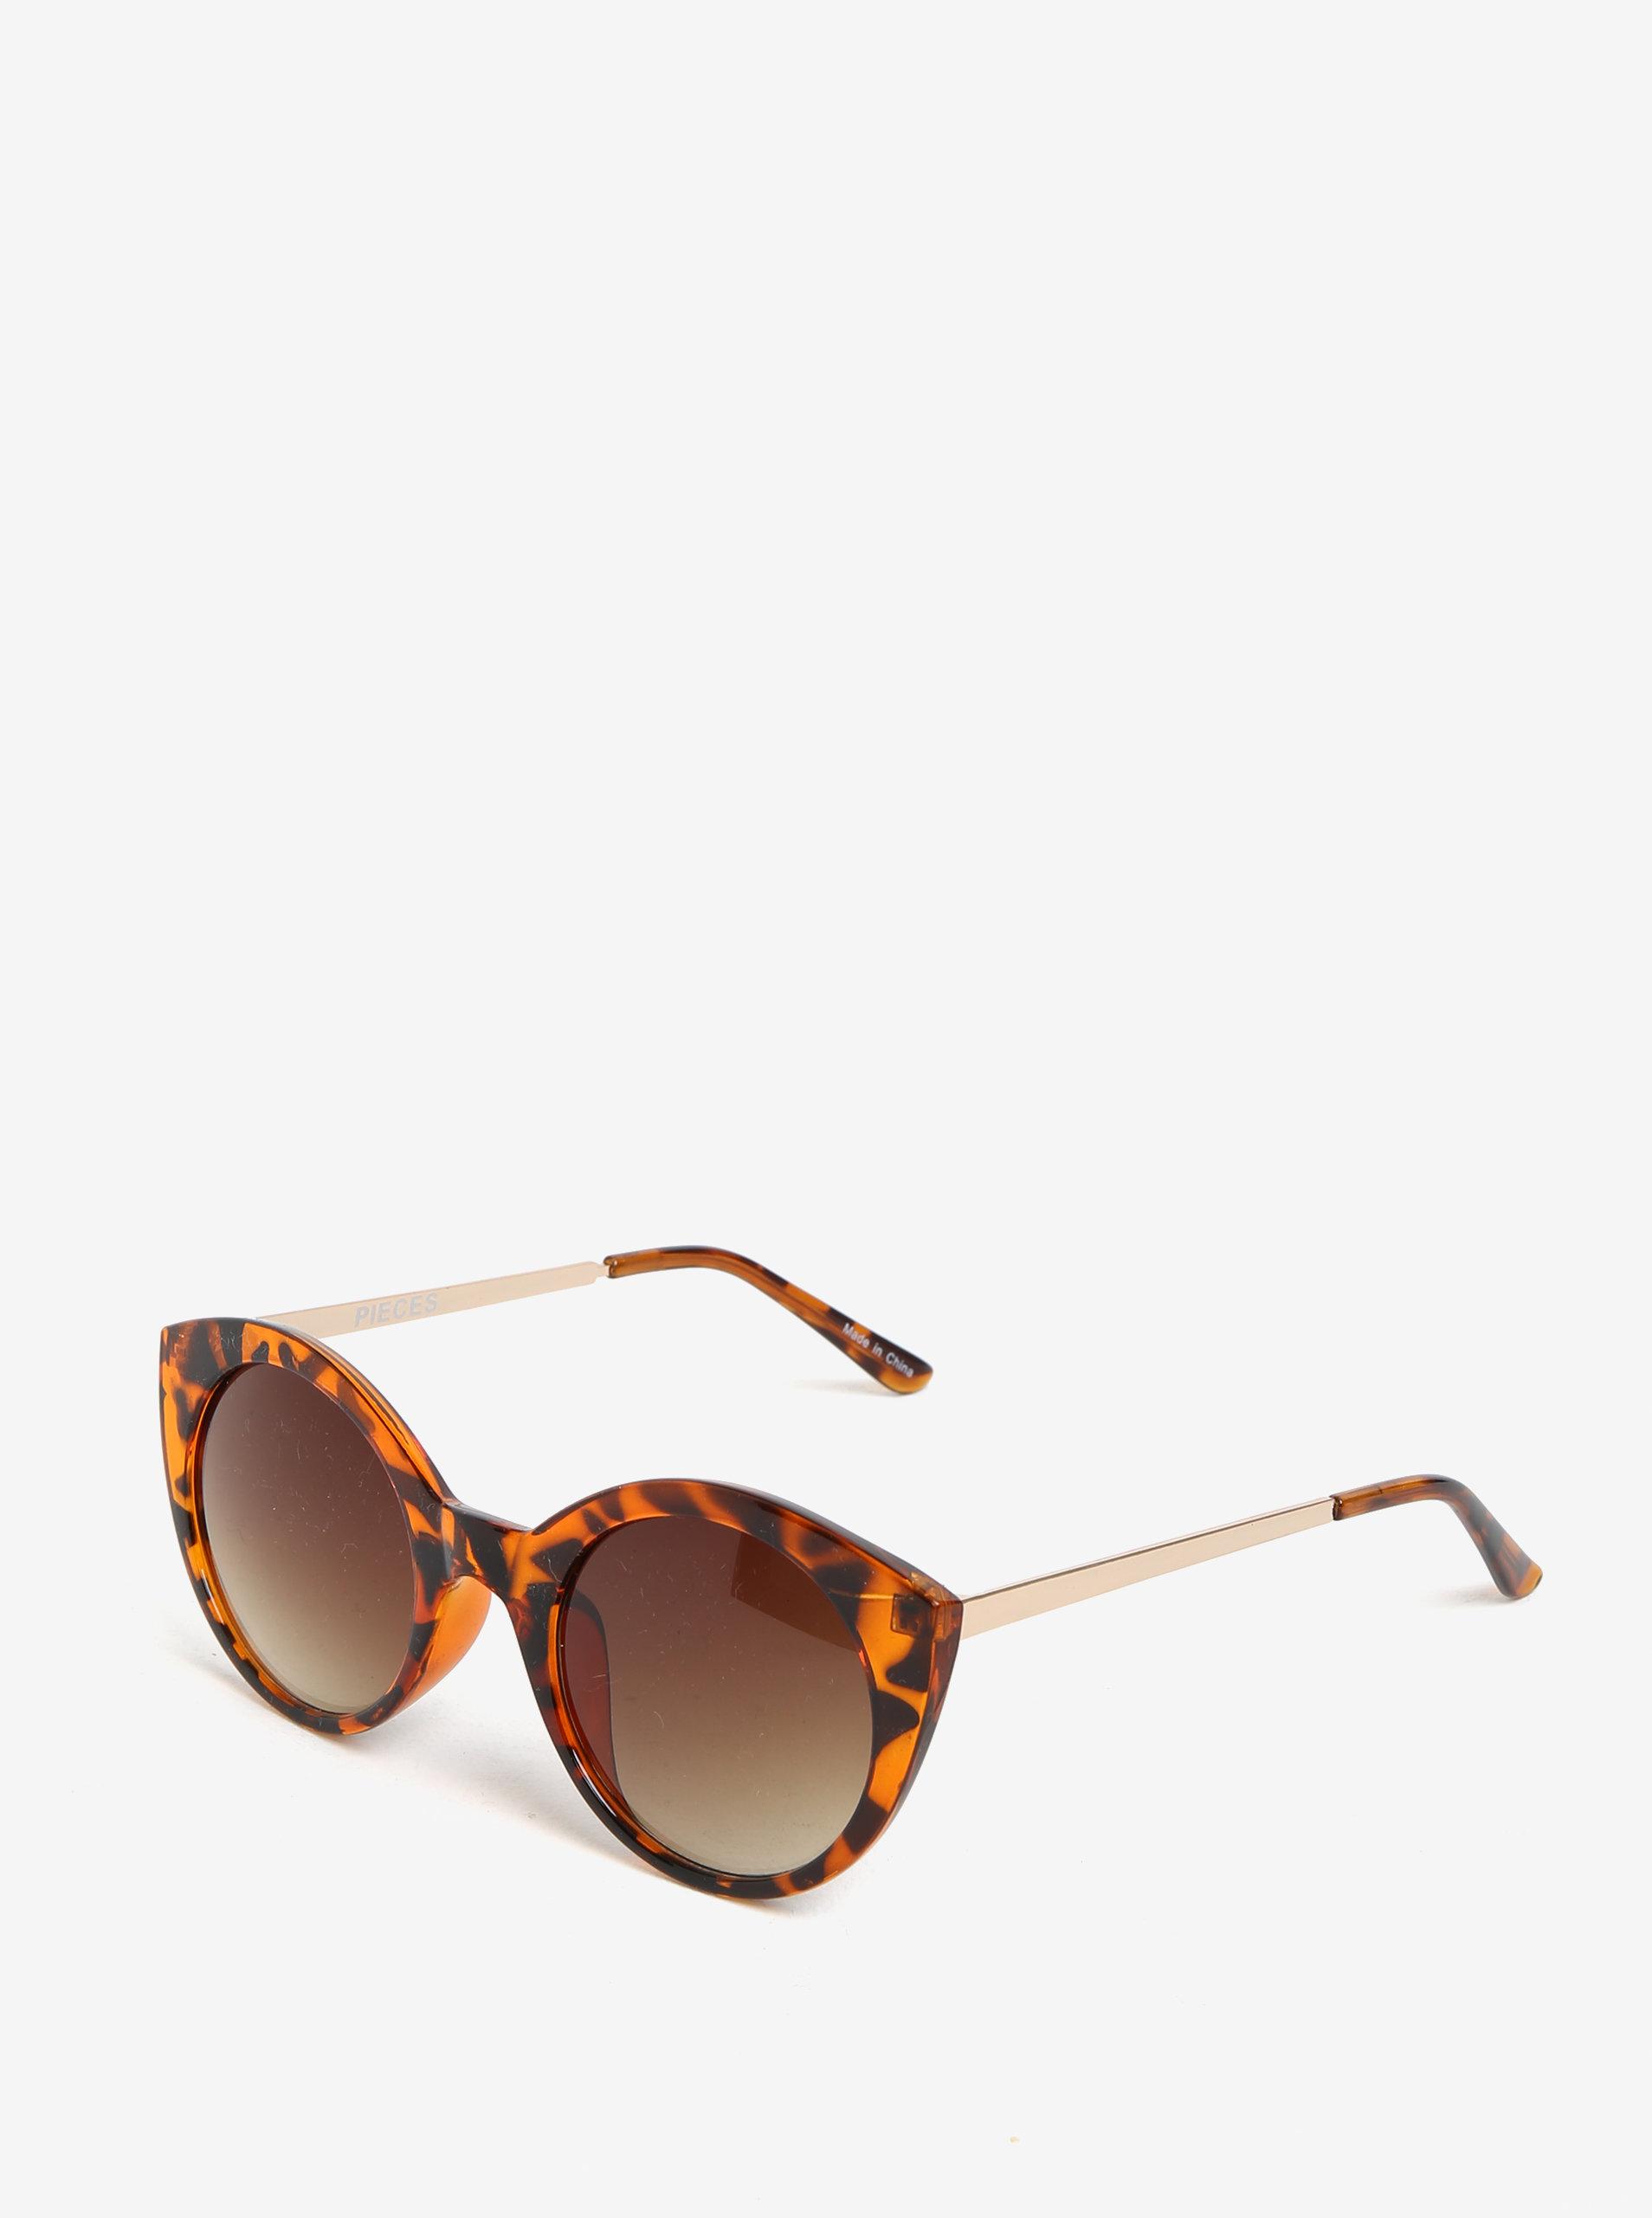 Hnedé vzorované slnečné okuliare Pieces Malisa ... 217f7176568